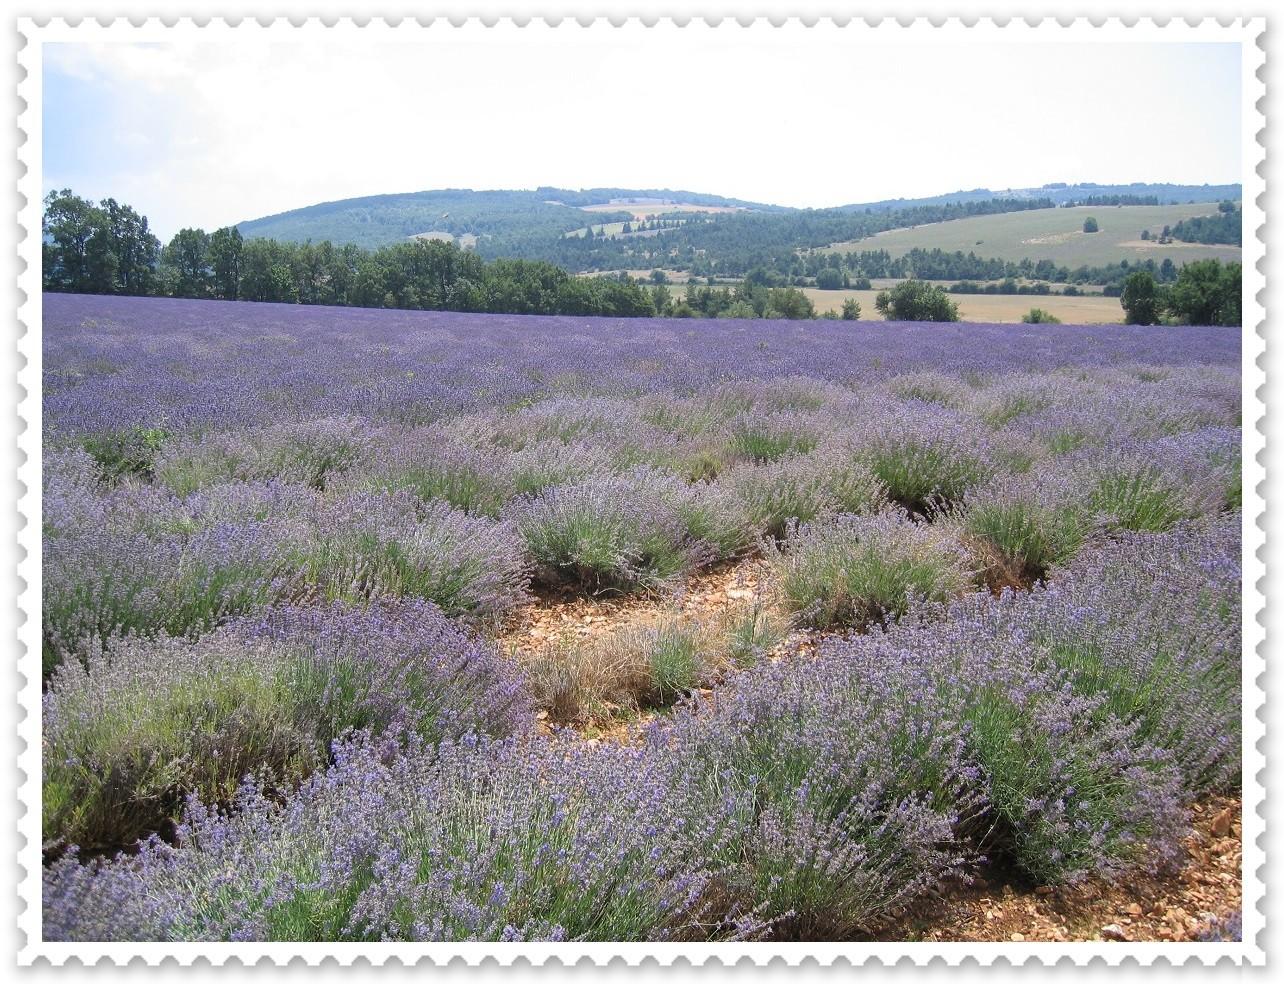 Lavandin (hinten) und Lavendel (vorne) im Vergleich